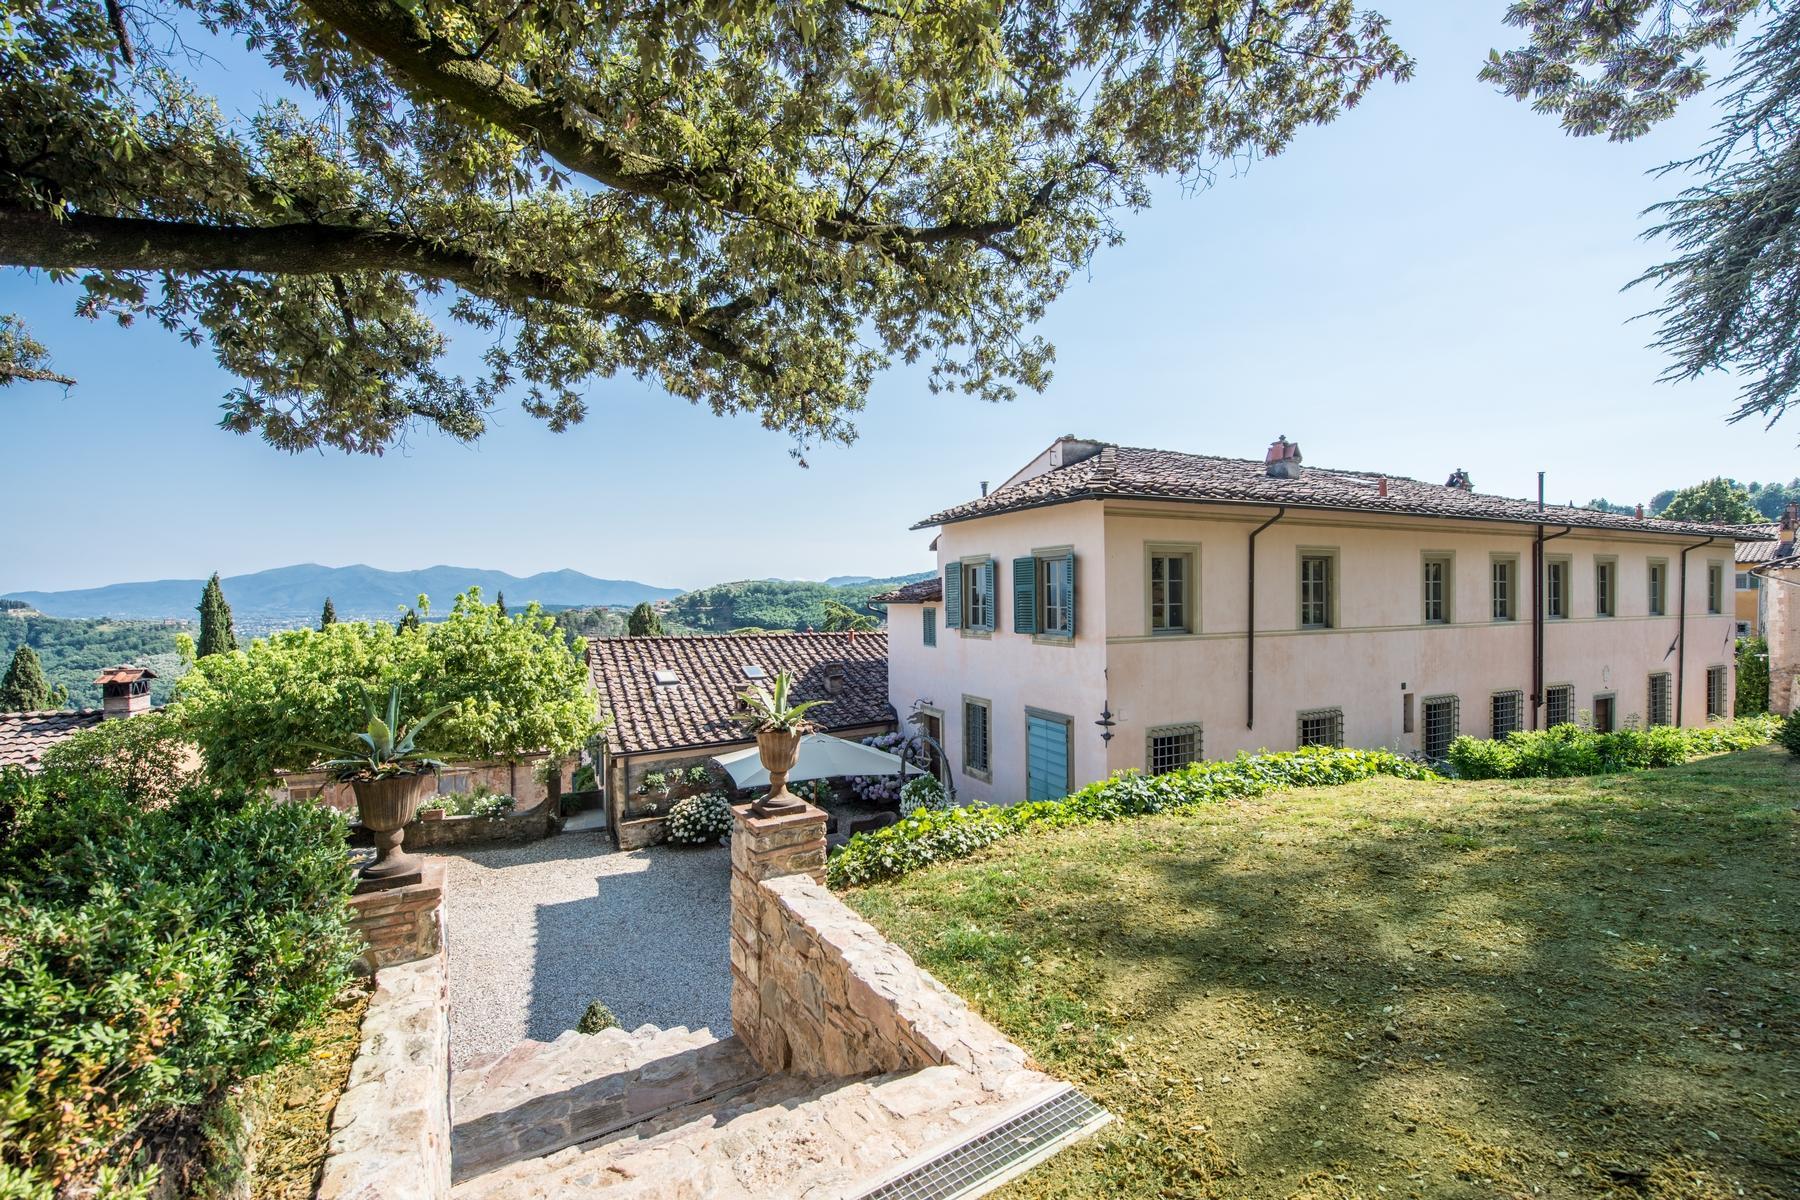 邻近Lucca的18世纪的宏伟别墅 - 16